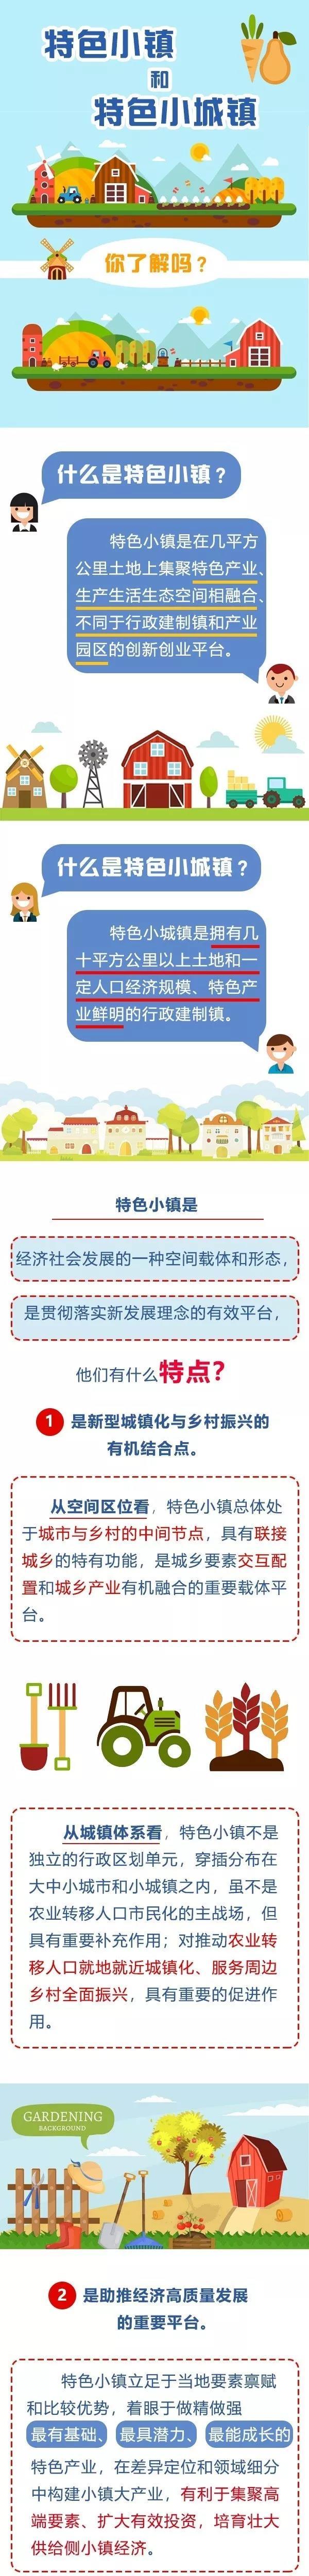 特色千赢国际官网和特色小城镇,你了解吗?